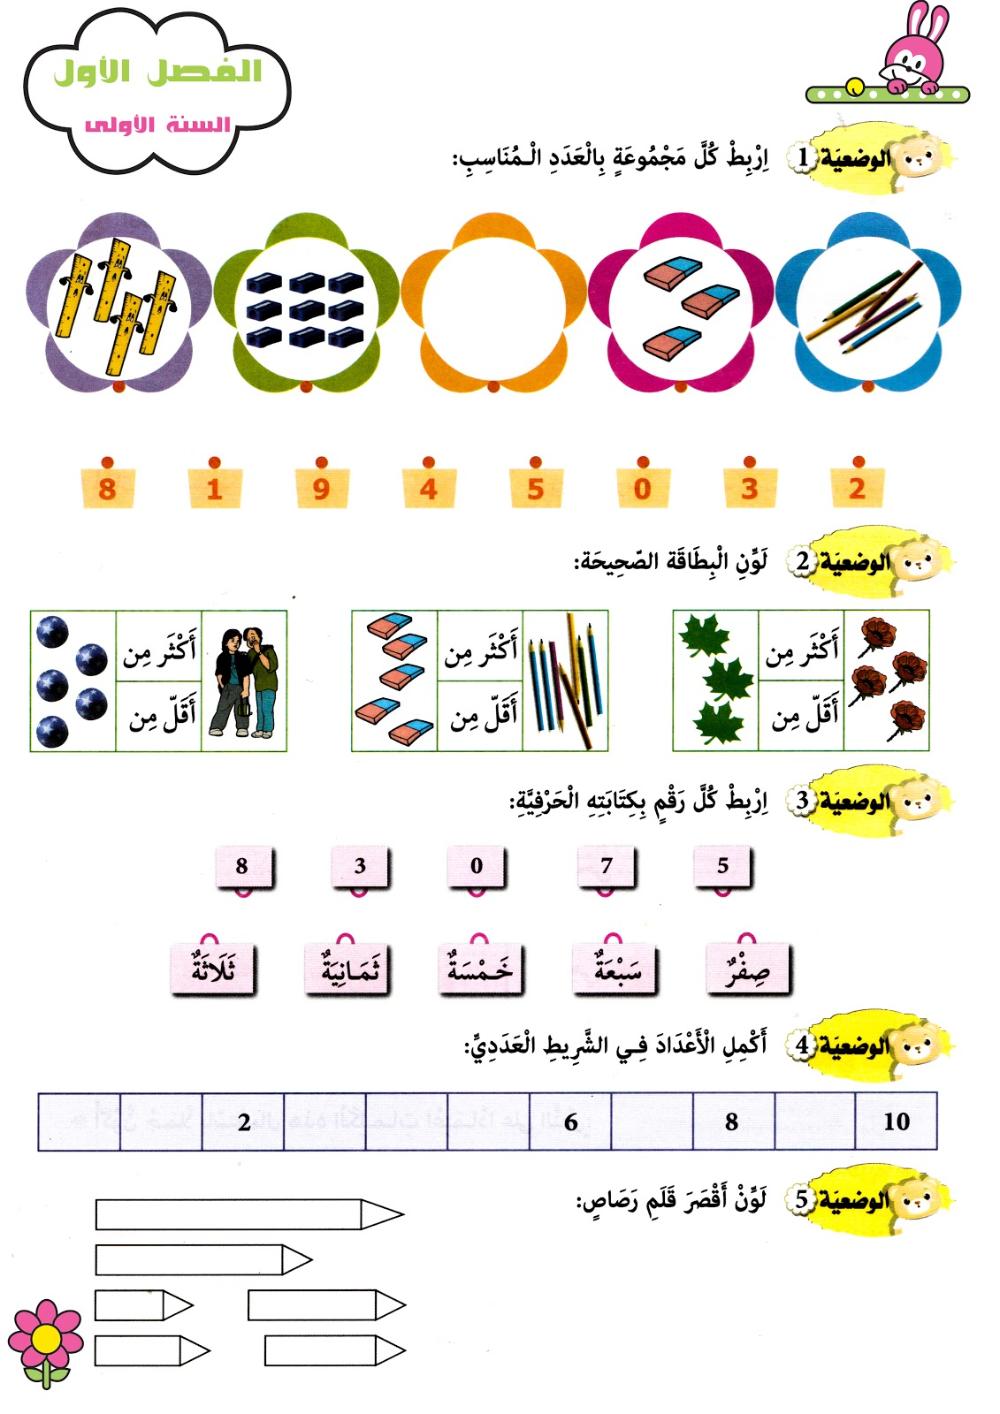 تمارين في الرياضيات للسنة الاولى ابتدائي الفصل الاول بحث Google Blog Blog Posts Words